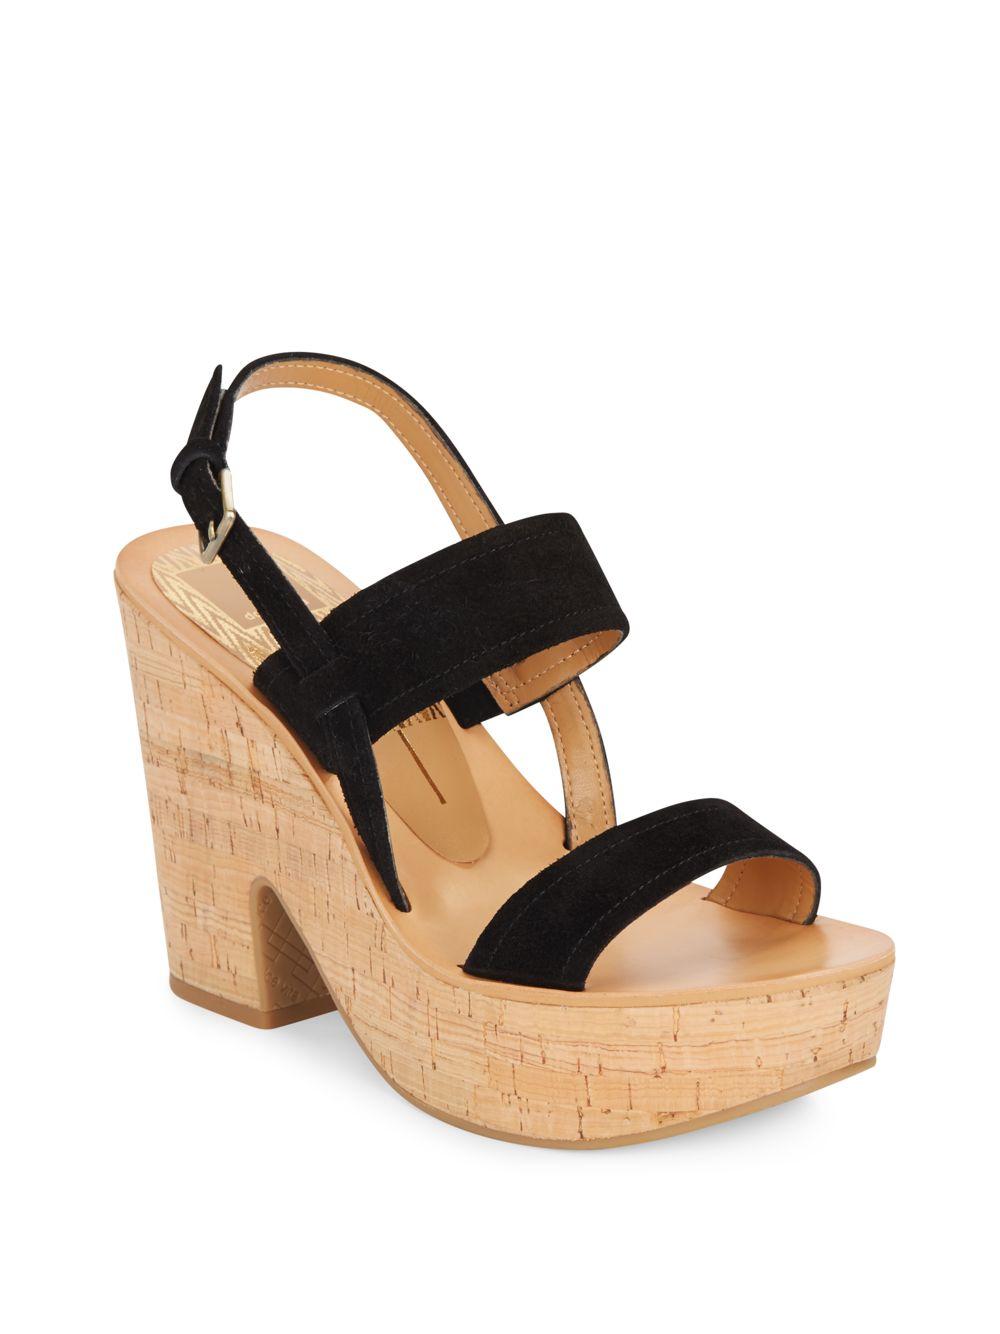 c2e34e188f Dolce Vita Rosa Suede Platform Sandals in Black - Lyst